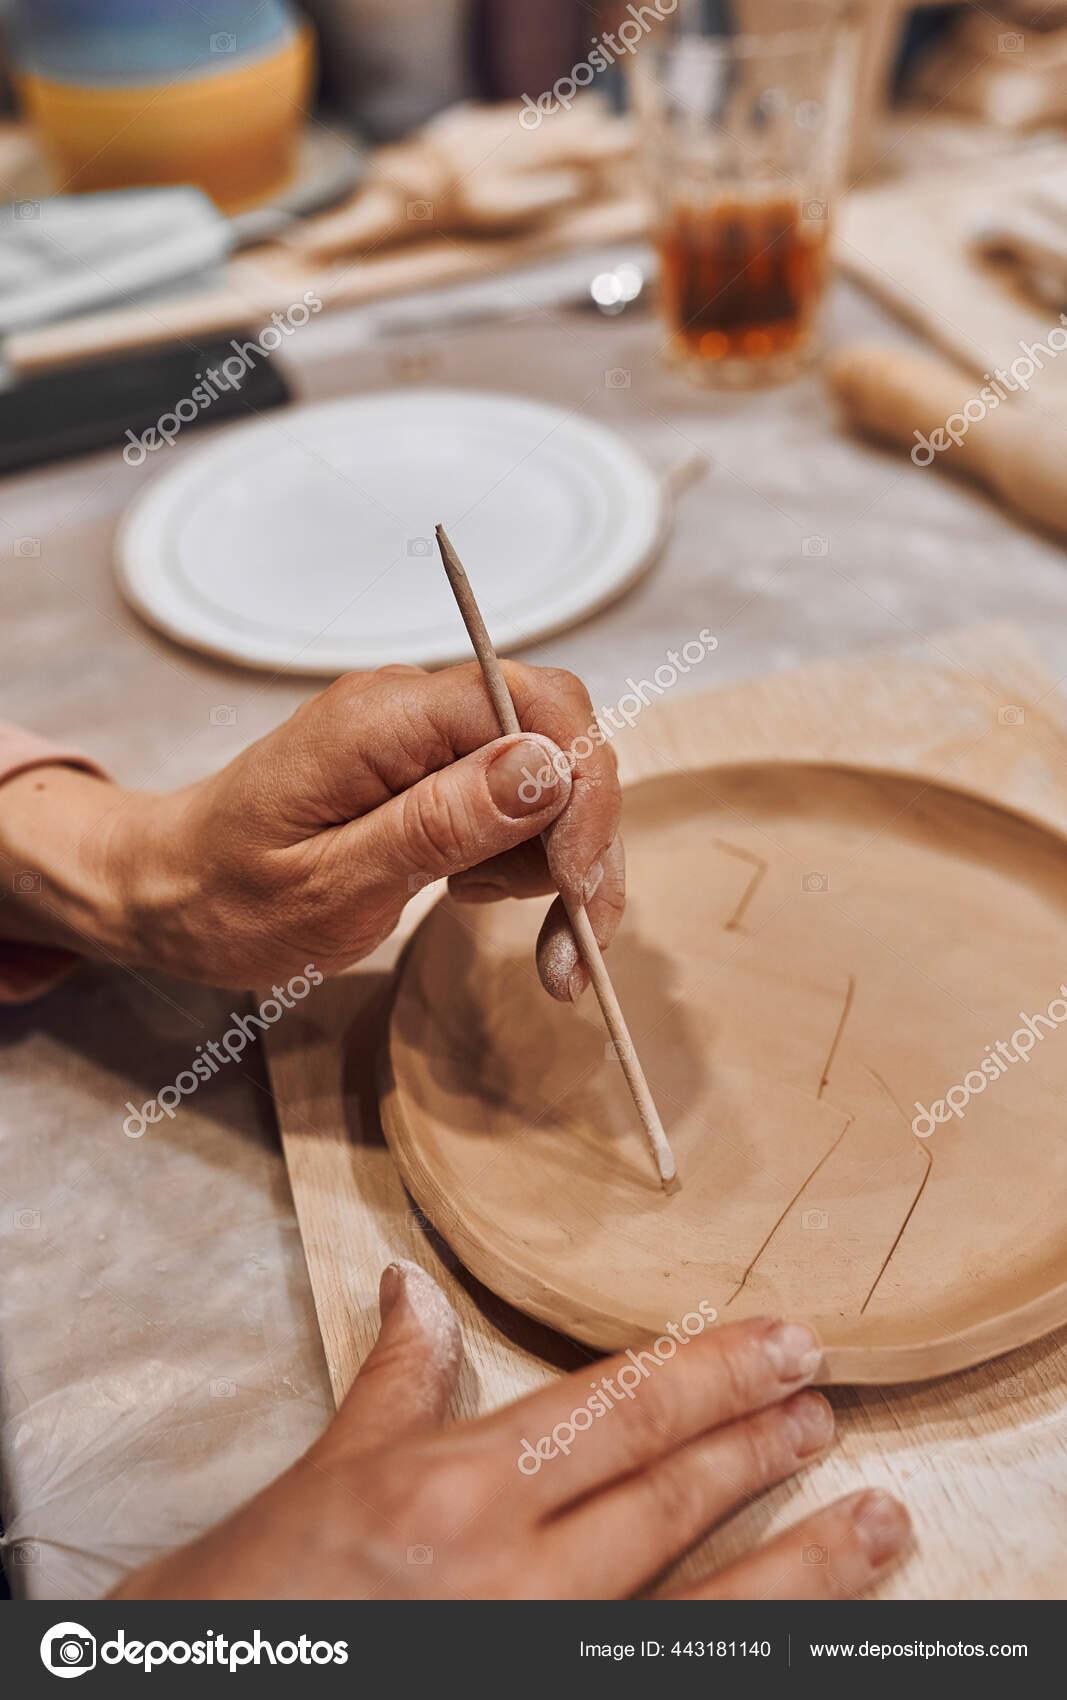 Membuat Tembikar : membuat, tembikar, Seorang, Keramik, Bengkel, Tembikar, Membuat, Lempengan, KatyaKiseleva, #443181140